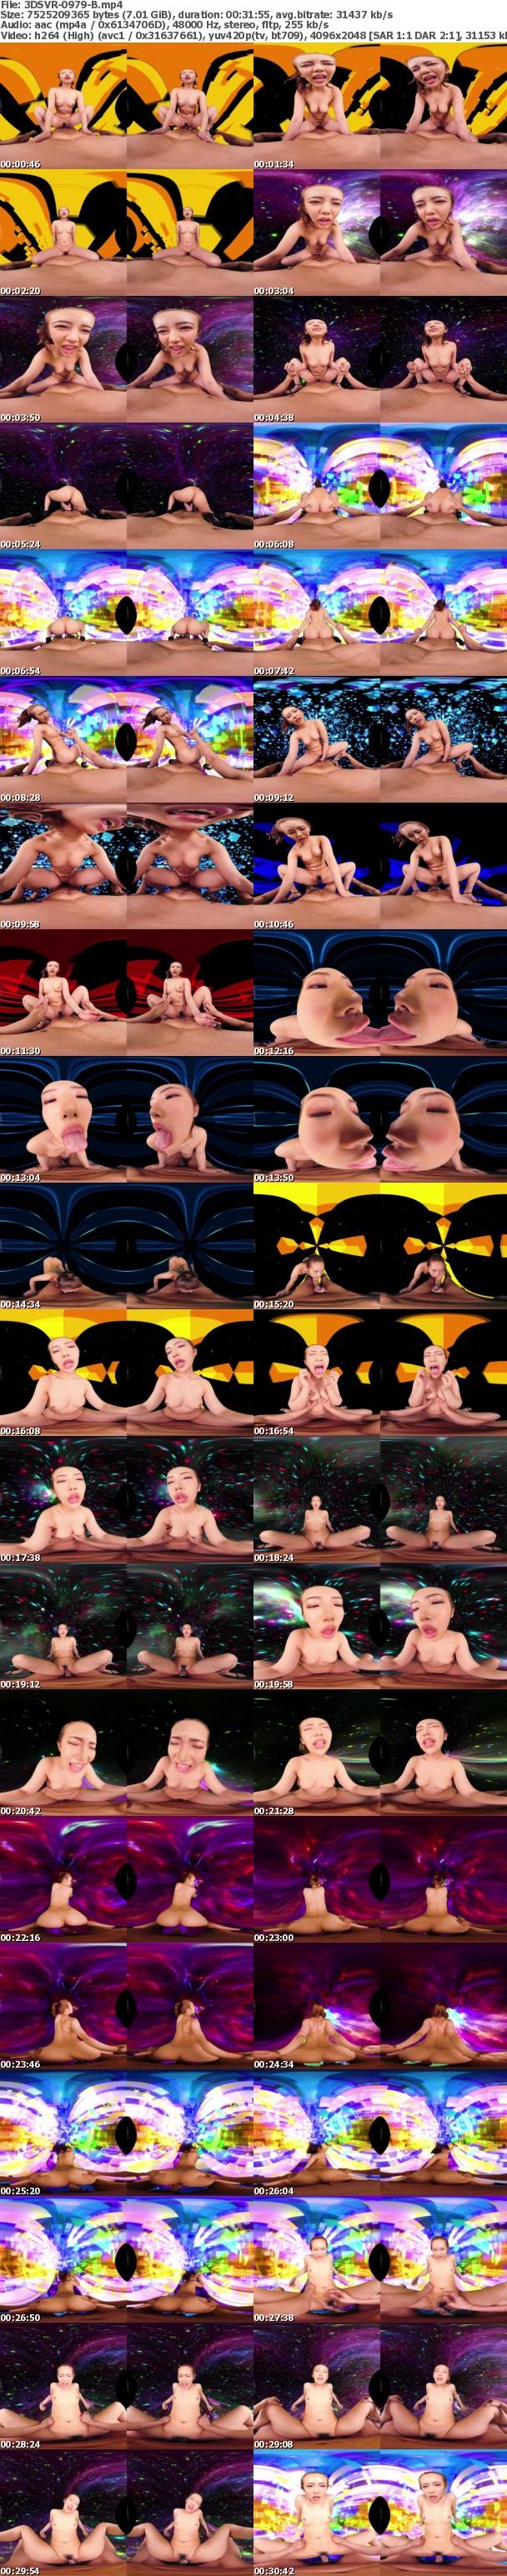 (VR) 3DSVR-0979 ウルトラキメセクVR 新感覚!EDMとビデオドラッグで没入感倍増!! ド痴女なクラブギャルにベロチュー媚薬注入されて意識トリップ!アヘイキSEX 朝陽えま